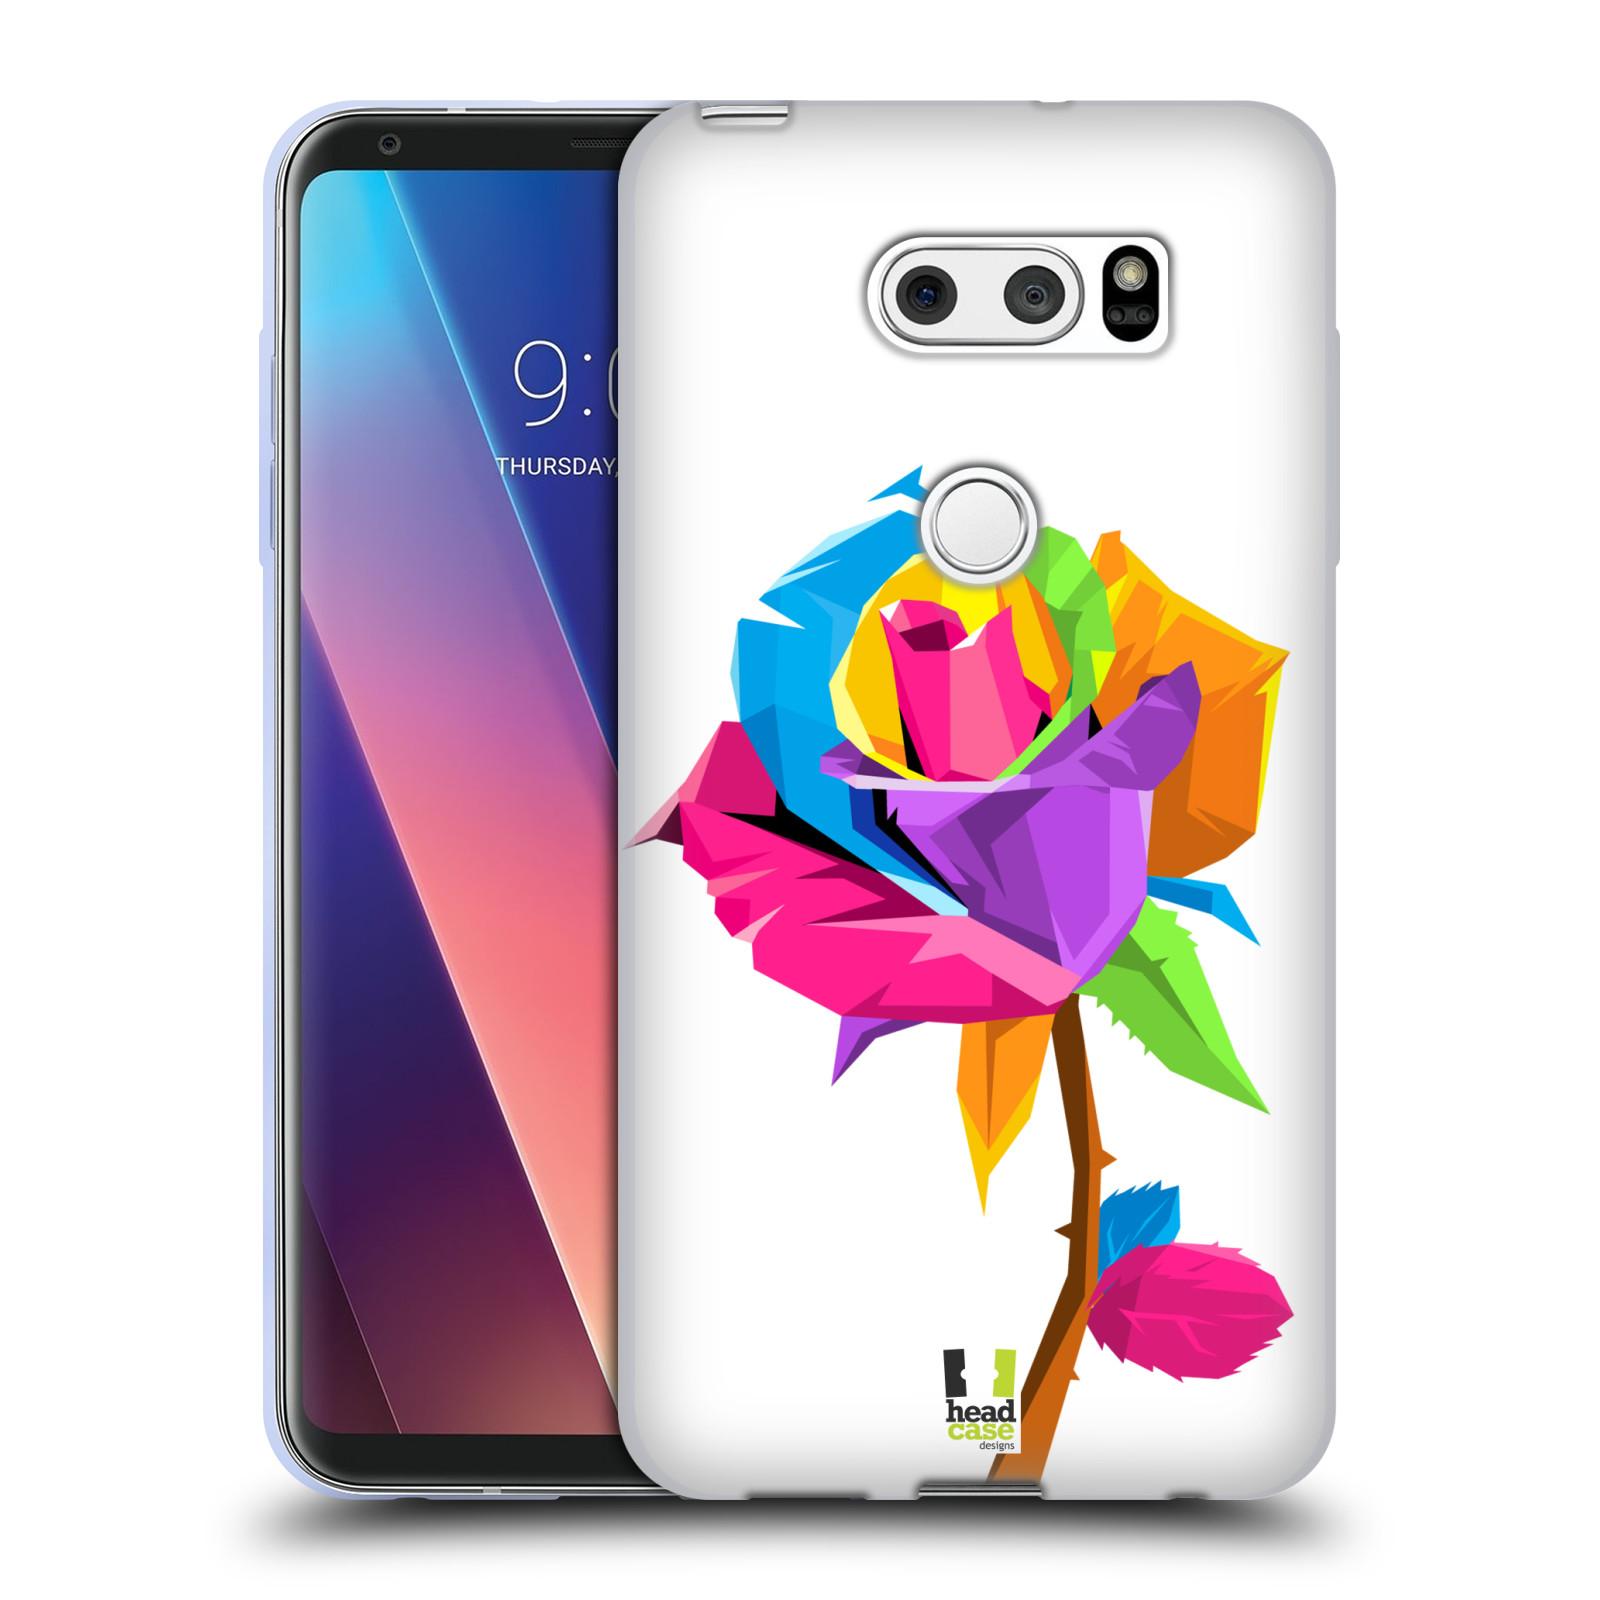 HEAD CASE silikonový obal na mobil LG V30 / V30 PLUS vzor POP ART kubismus růže